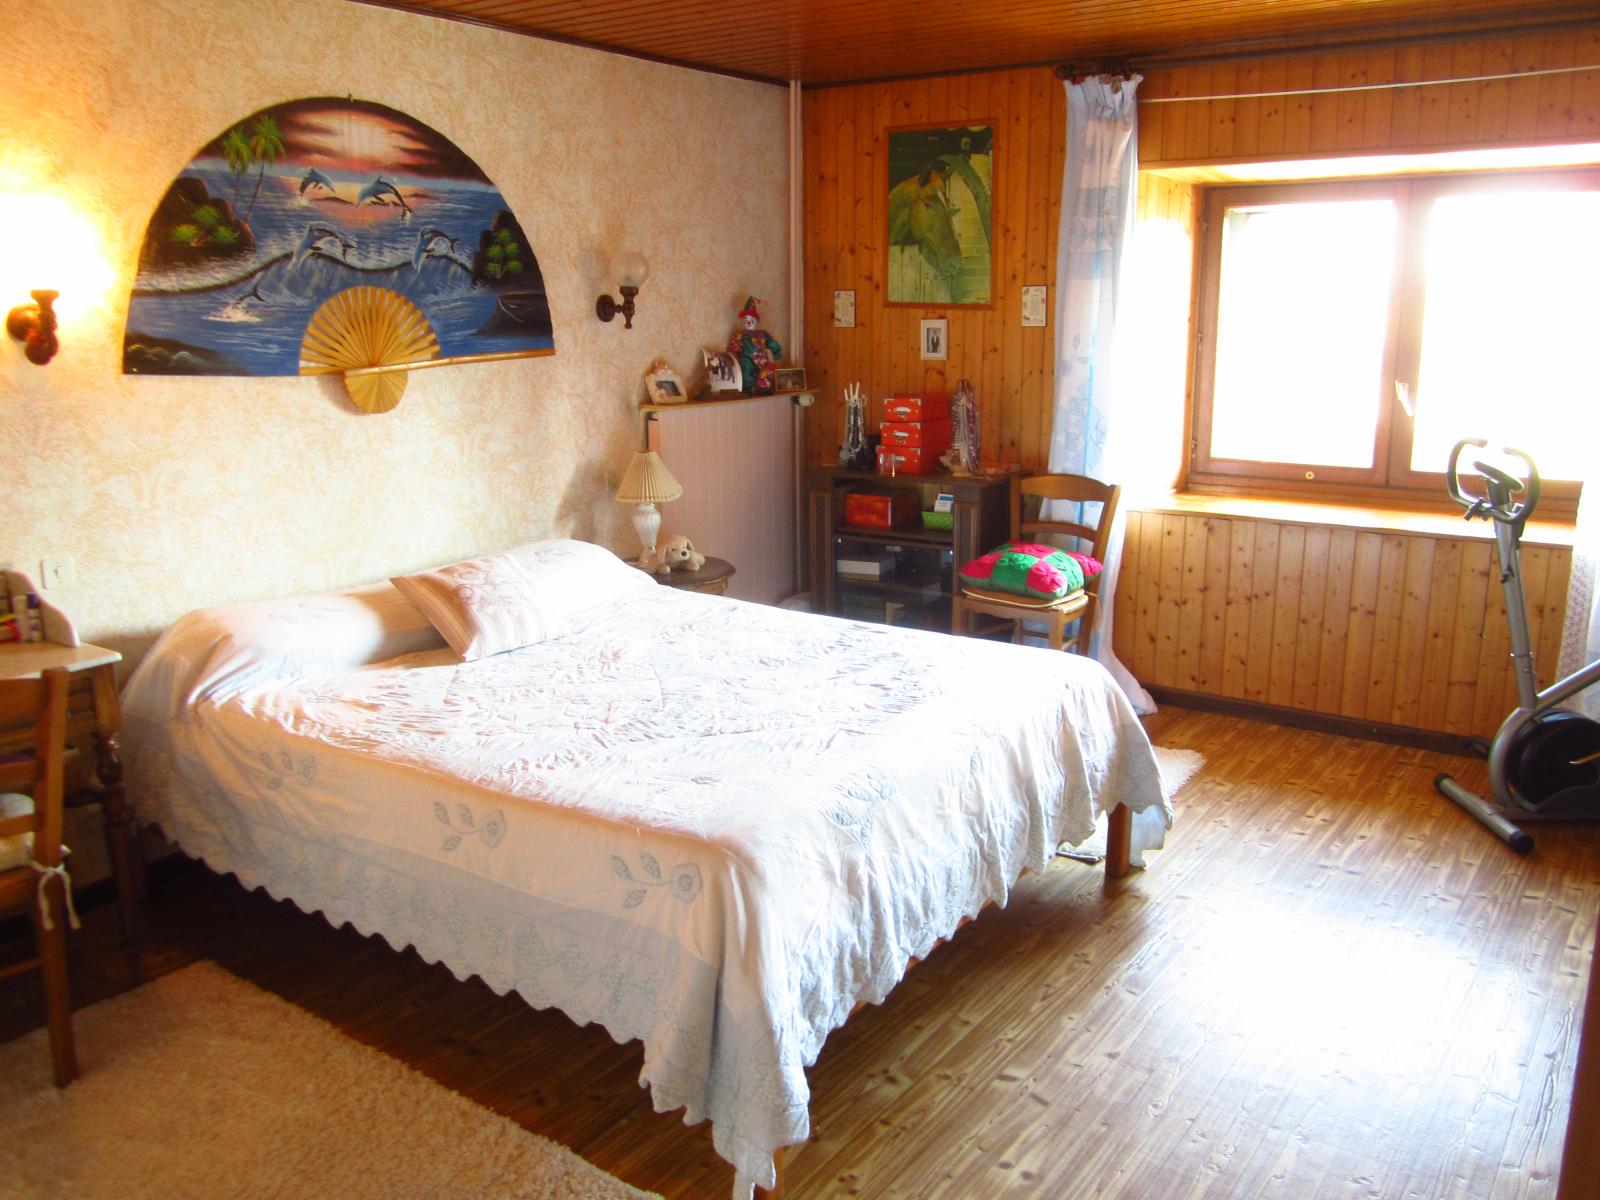 EXCLUSIVITE Viry Appartement T4 de 104 m² + appartement T2 de 65 m² + annexes de 50 m²...